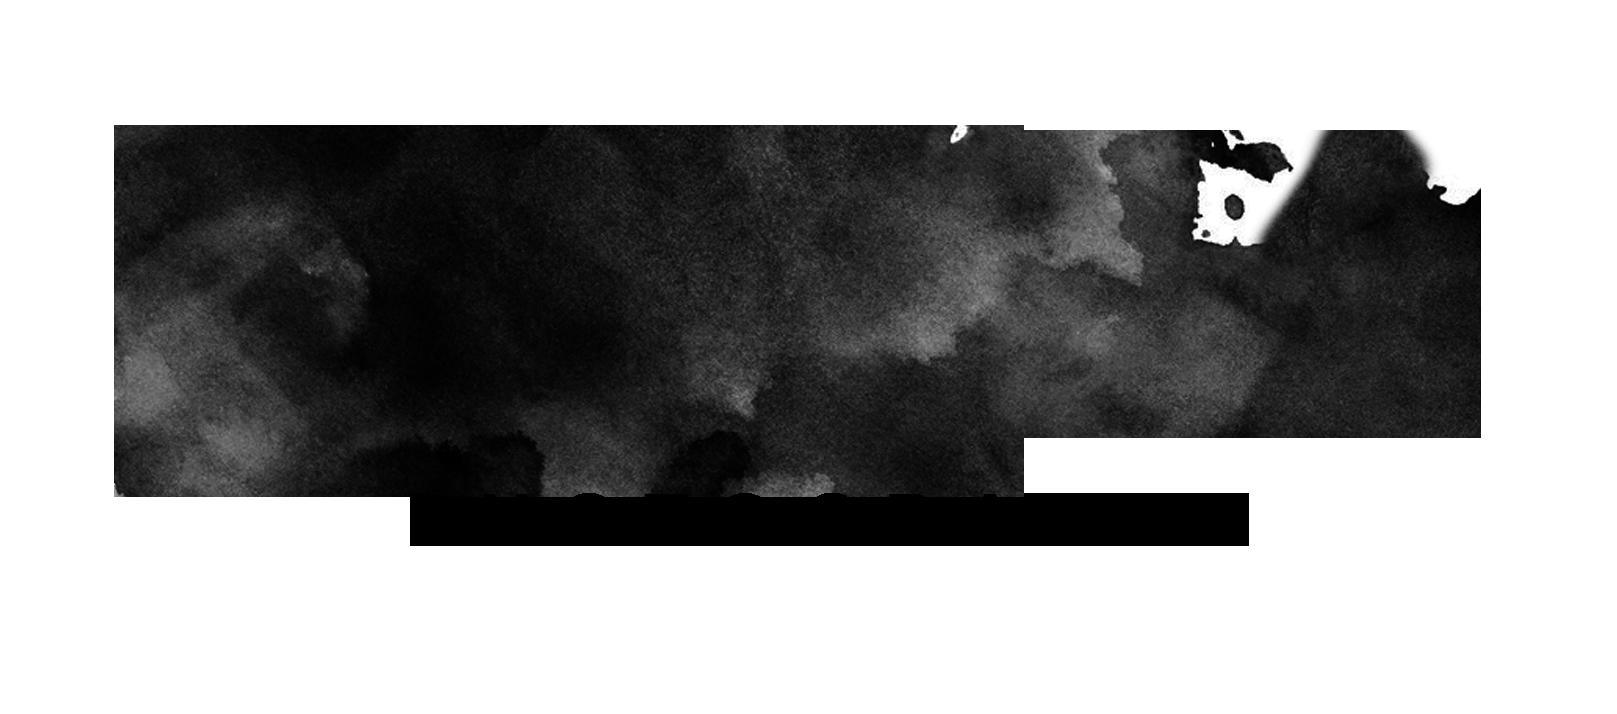 https://www.nfrt.org.nz/wp-content/uploads/2019/08/Billie_logo_05.png